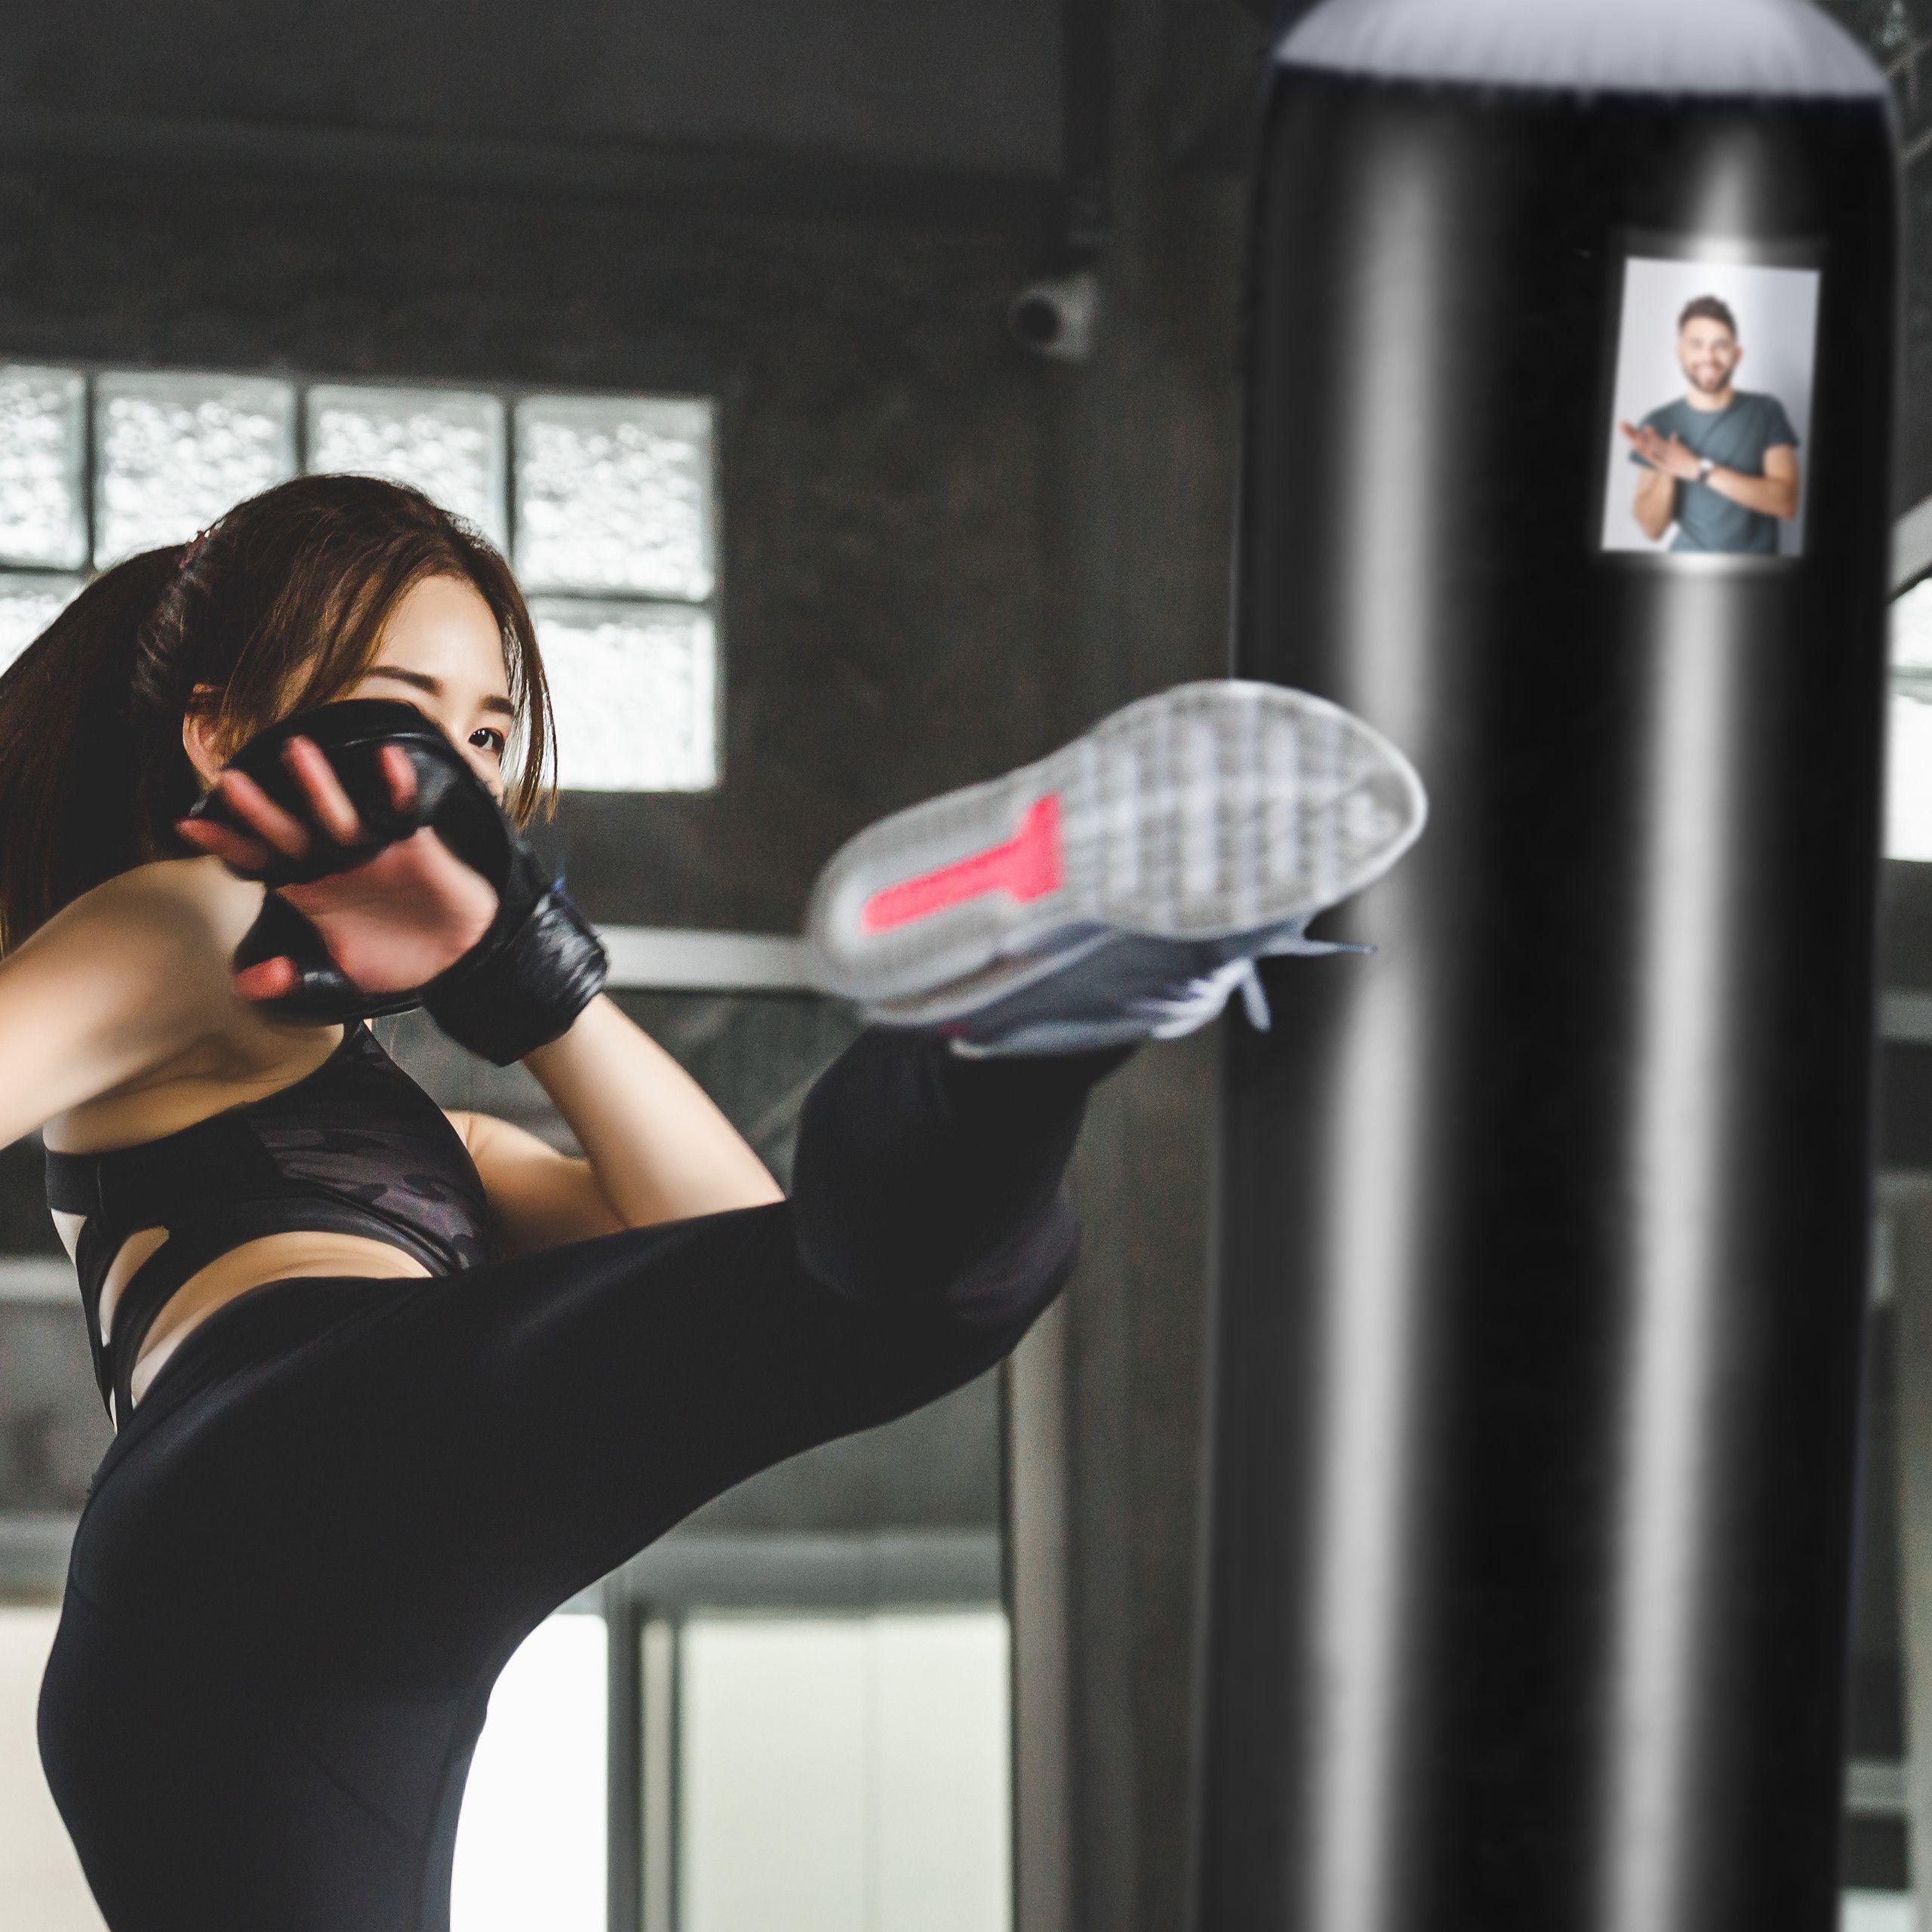 Categoria Attrezzature per il fitness